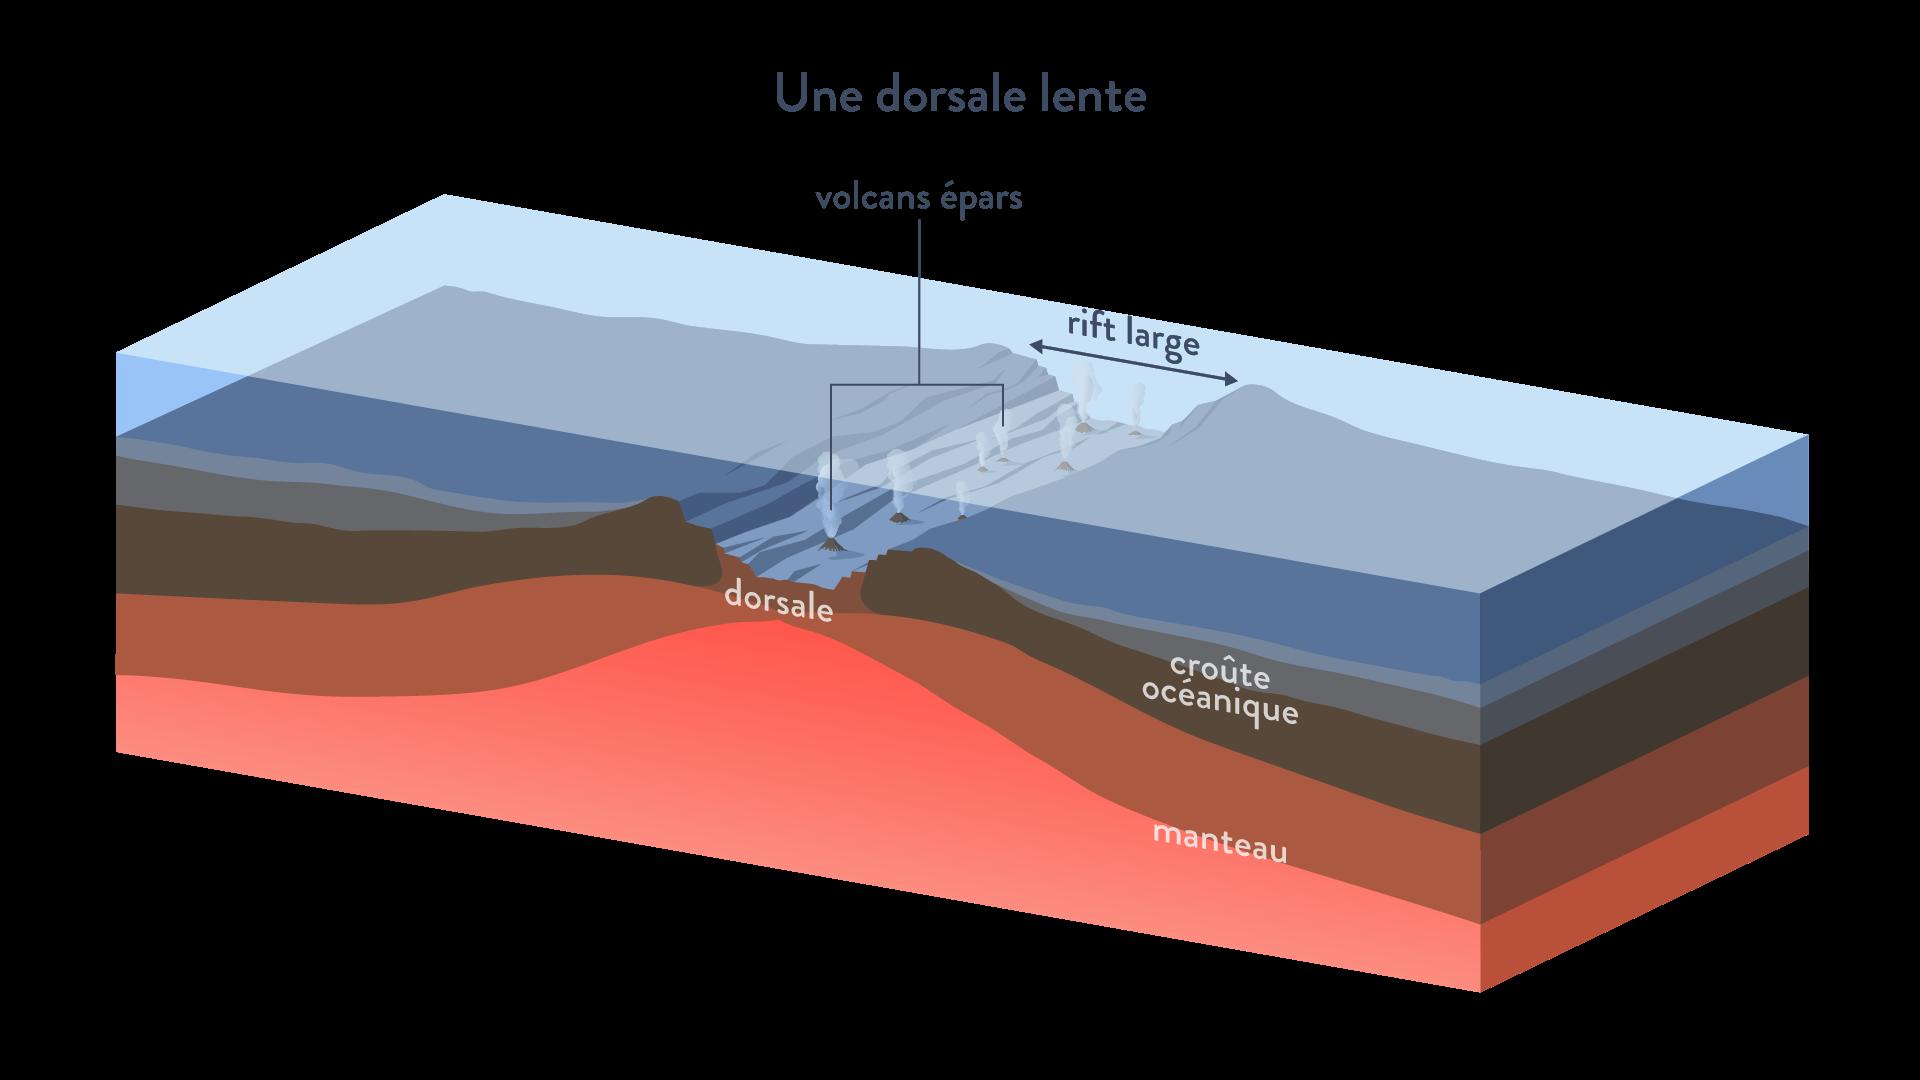 Dorsale lente rift large volcans croûte océanique manteau divergence plaques tectoniques svt première